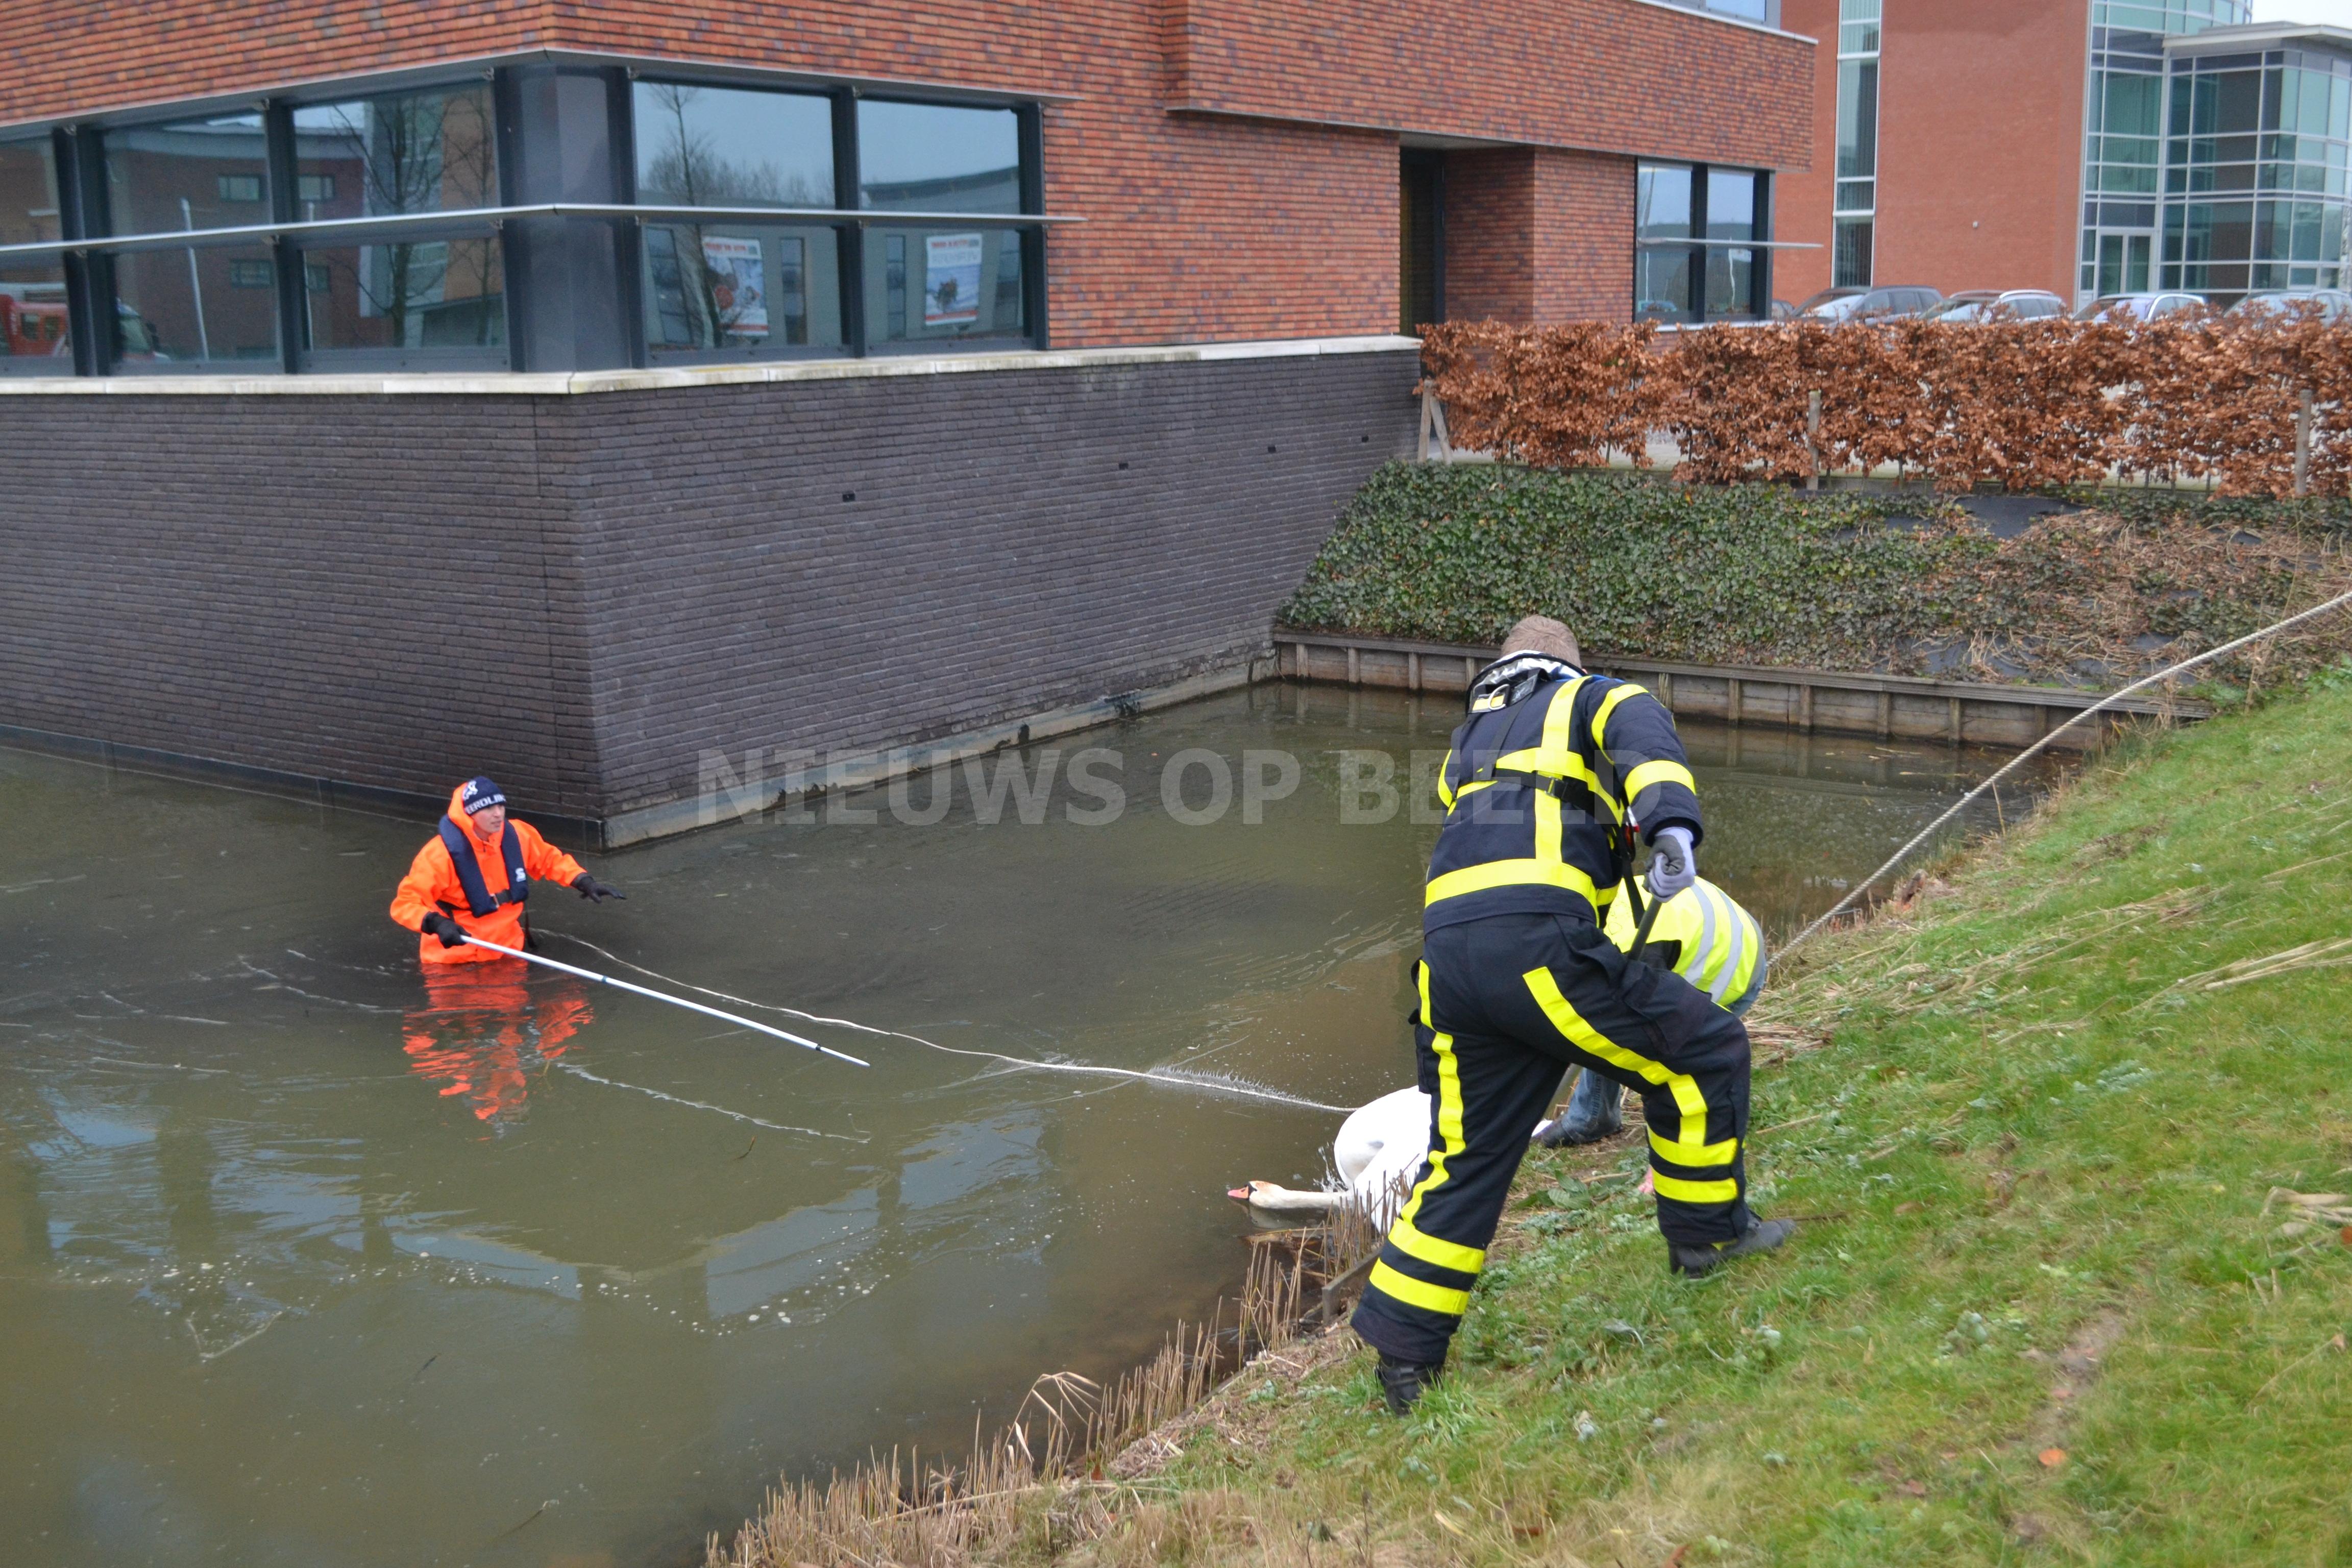 Gewonde zwaan blijkt niet gewond Langeweg Oud-Beijerland